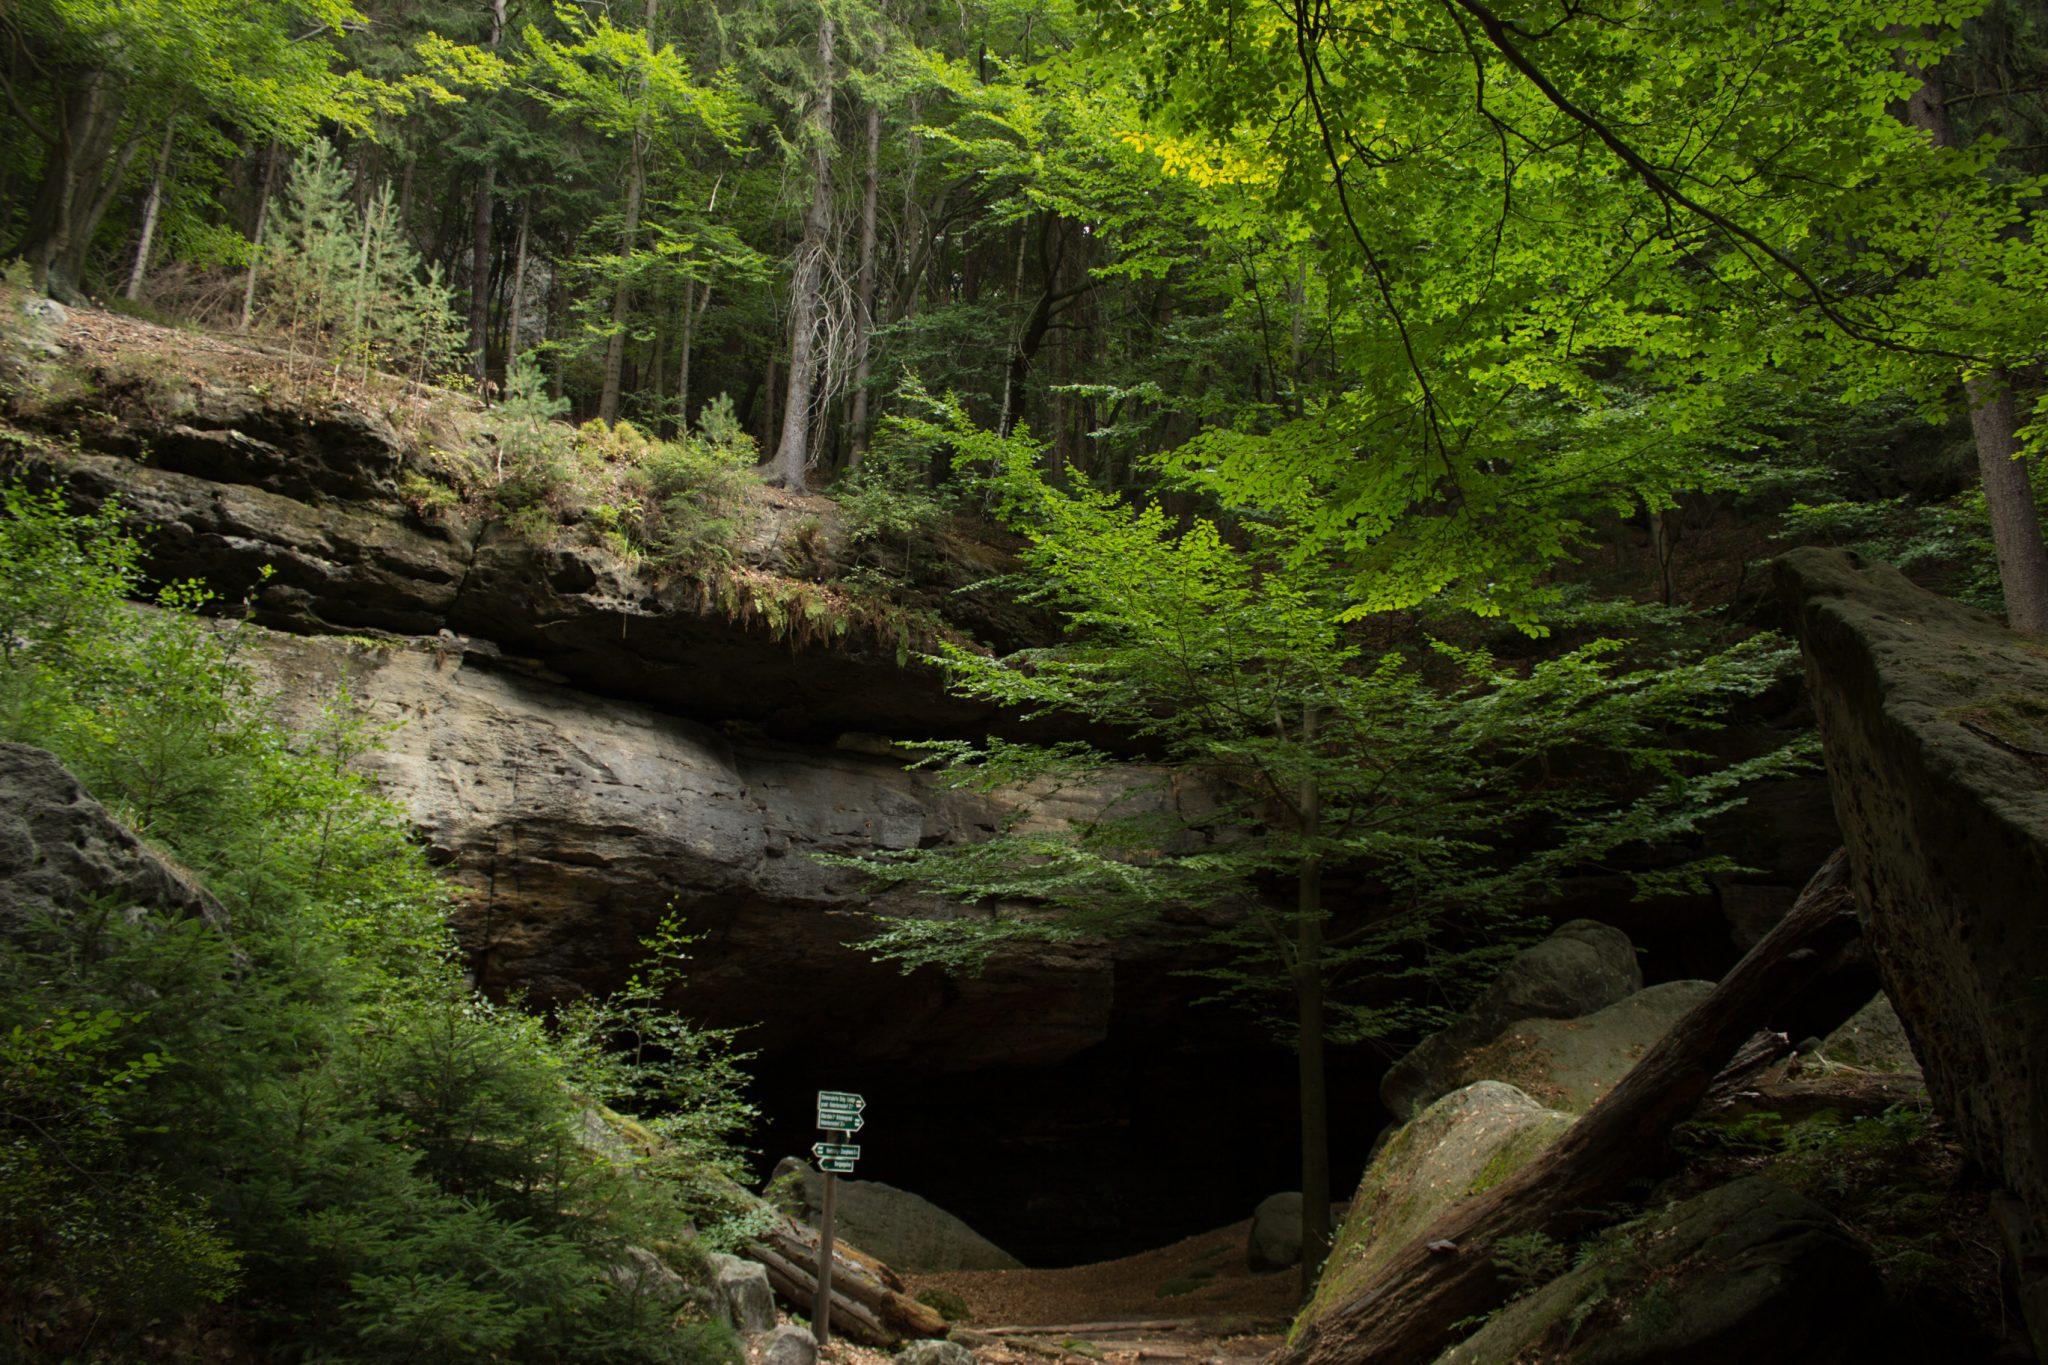 Zeughaus Hickelhöhle und Großer Reitsteig - im Kirnitzschtal wandern, Wanderweg im Wanderparadies Sächsische Schweiz mit vielen tollen Aussichten, riesiger Felsennationalpark, die berühmte Hickelhöhle, keine zu hohen Erwartungen haben